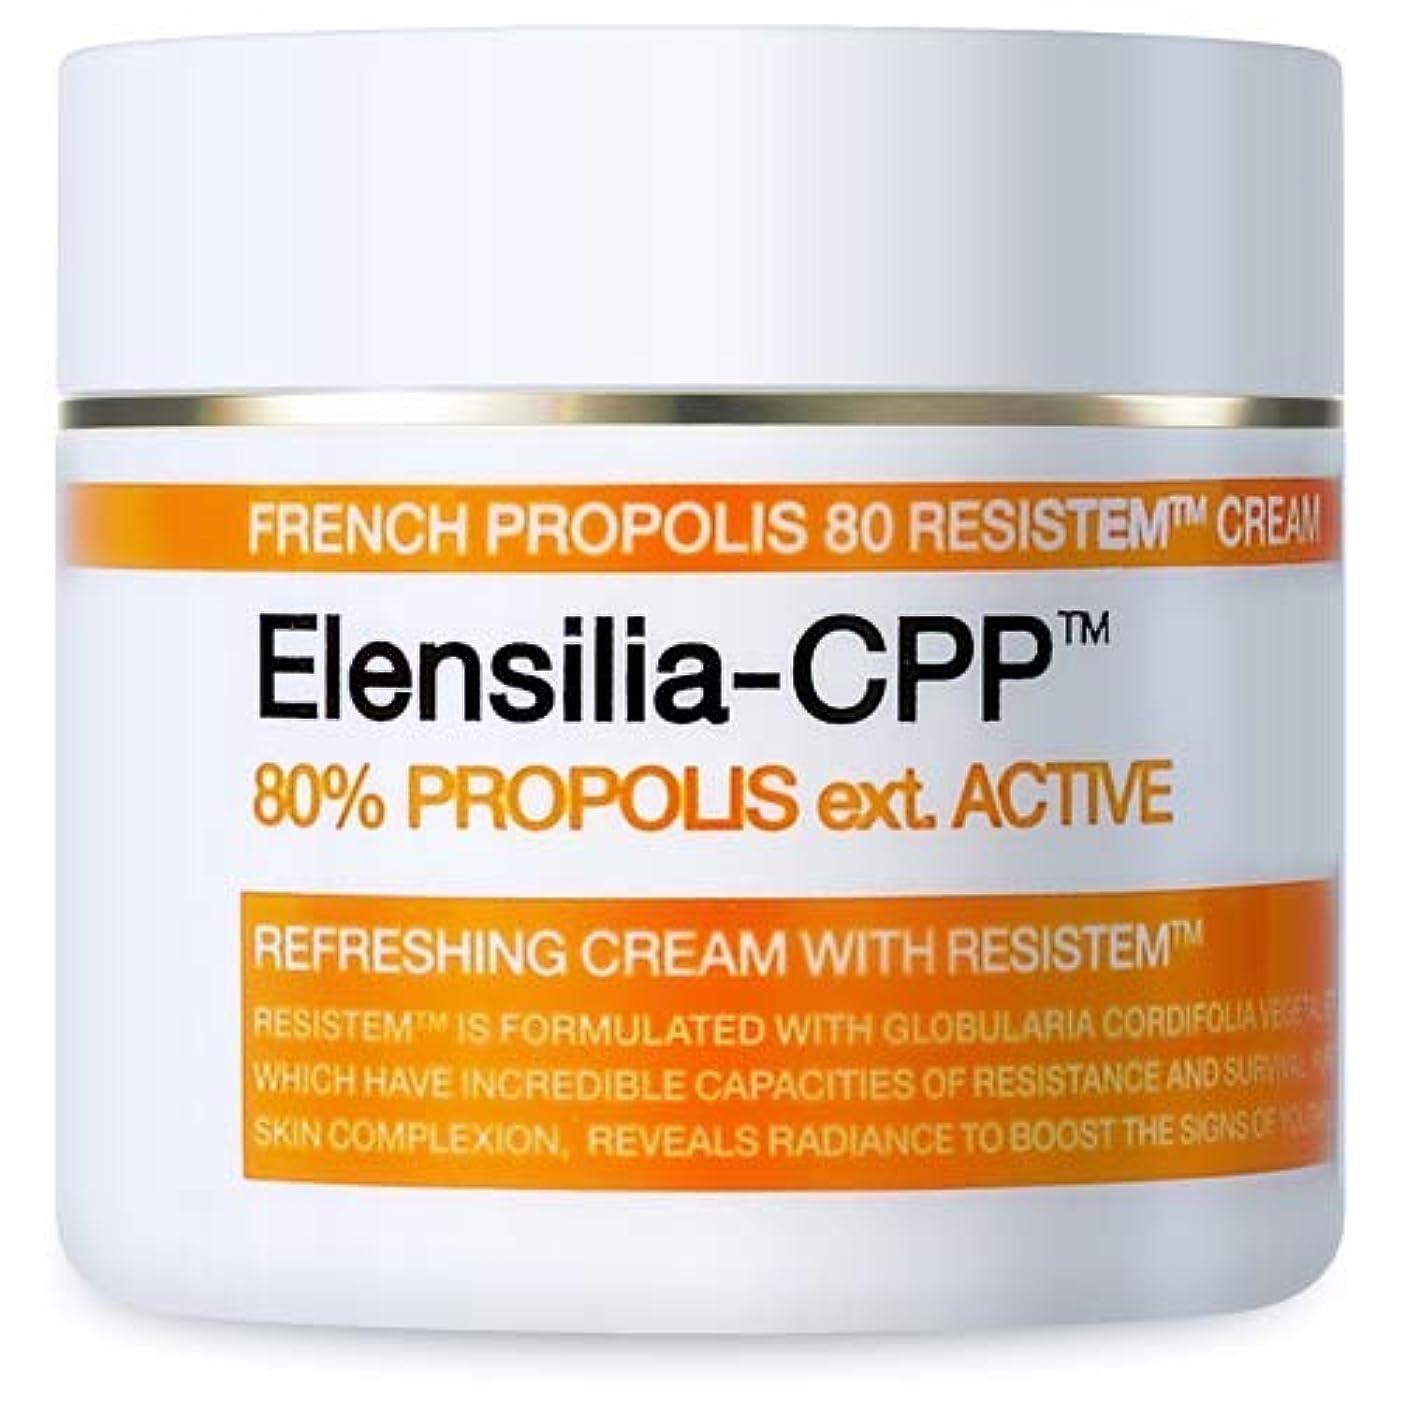 魅力的提案する市場Elensilia CPP フレンチ プロポリス 80 リシステム クリーム / CPP French Propolis 80 Resistem Cream (50g) [並行輸入品]